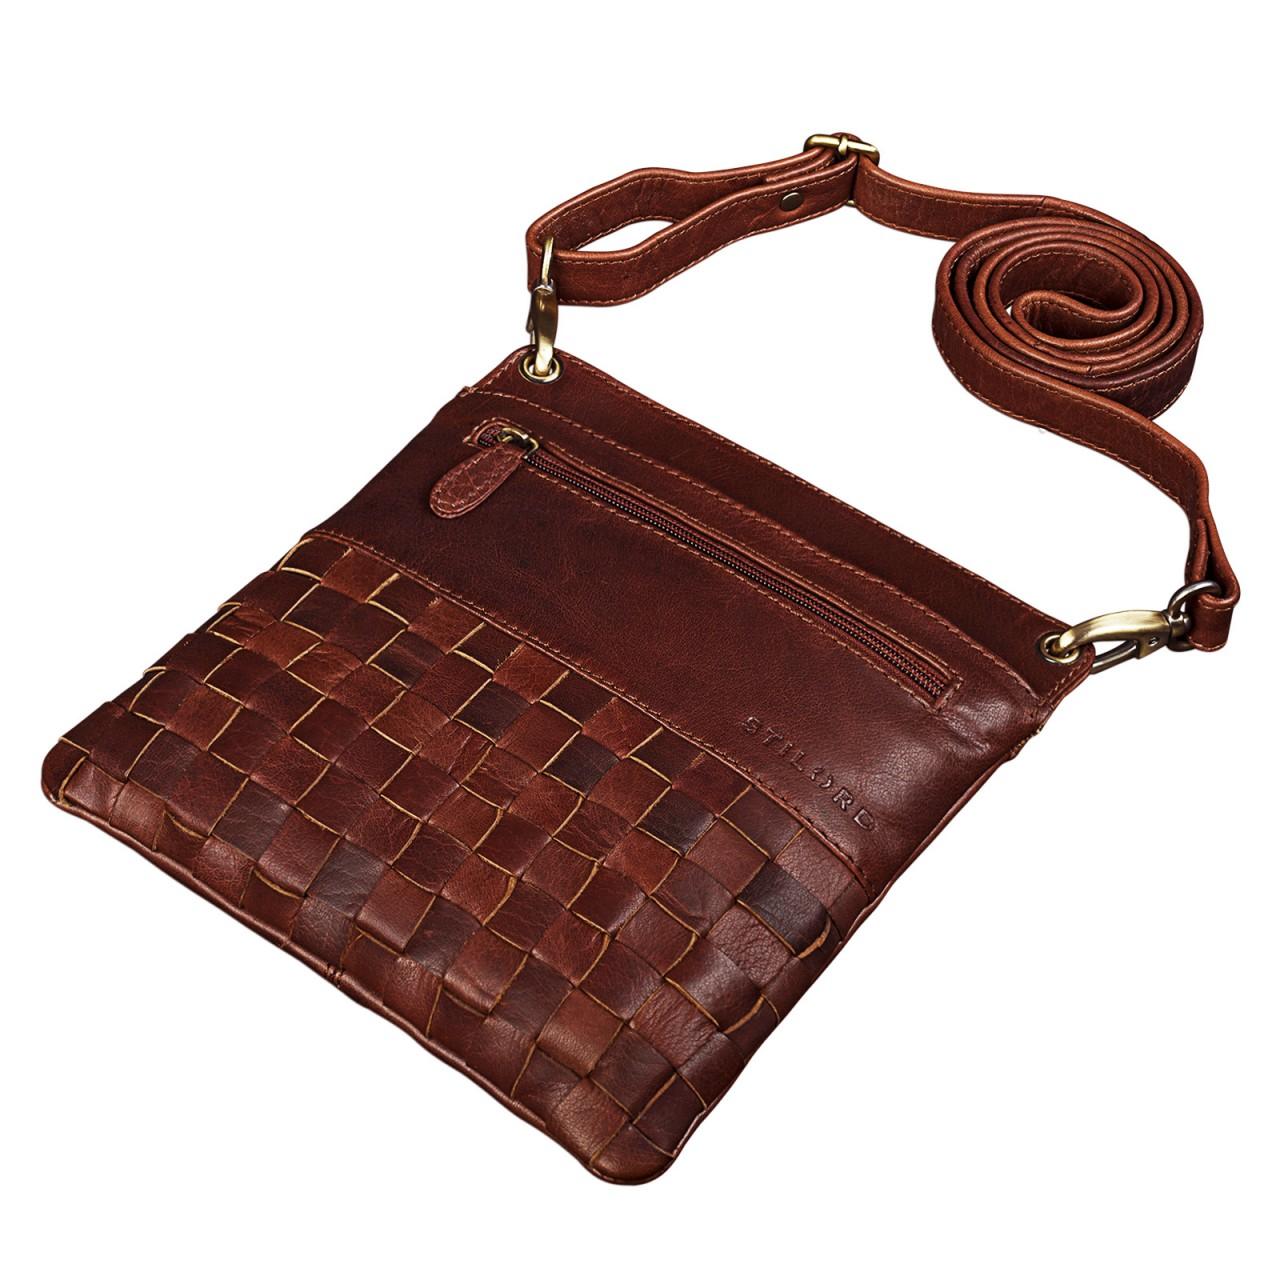 """STILORD """"Sophie"""" Schultertasche Damen klein Leder Handtasche moderne Umhängetasche geflochten Freizeittasche Vintage Abendtasche Ausgehtasche Echtleder - Bild 13"""